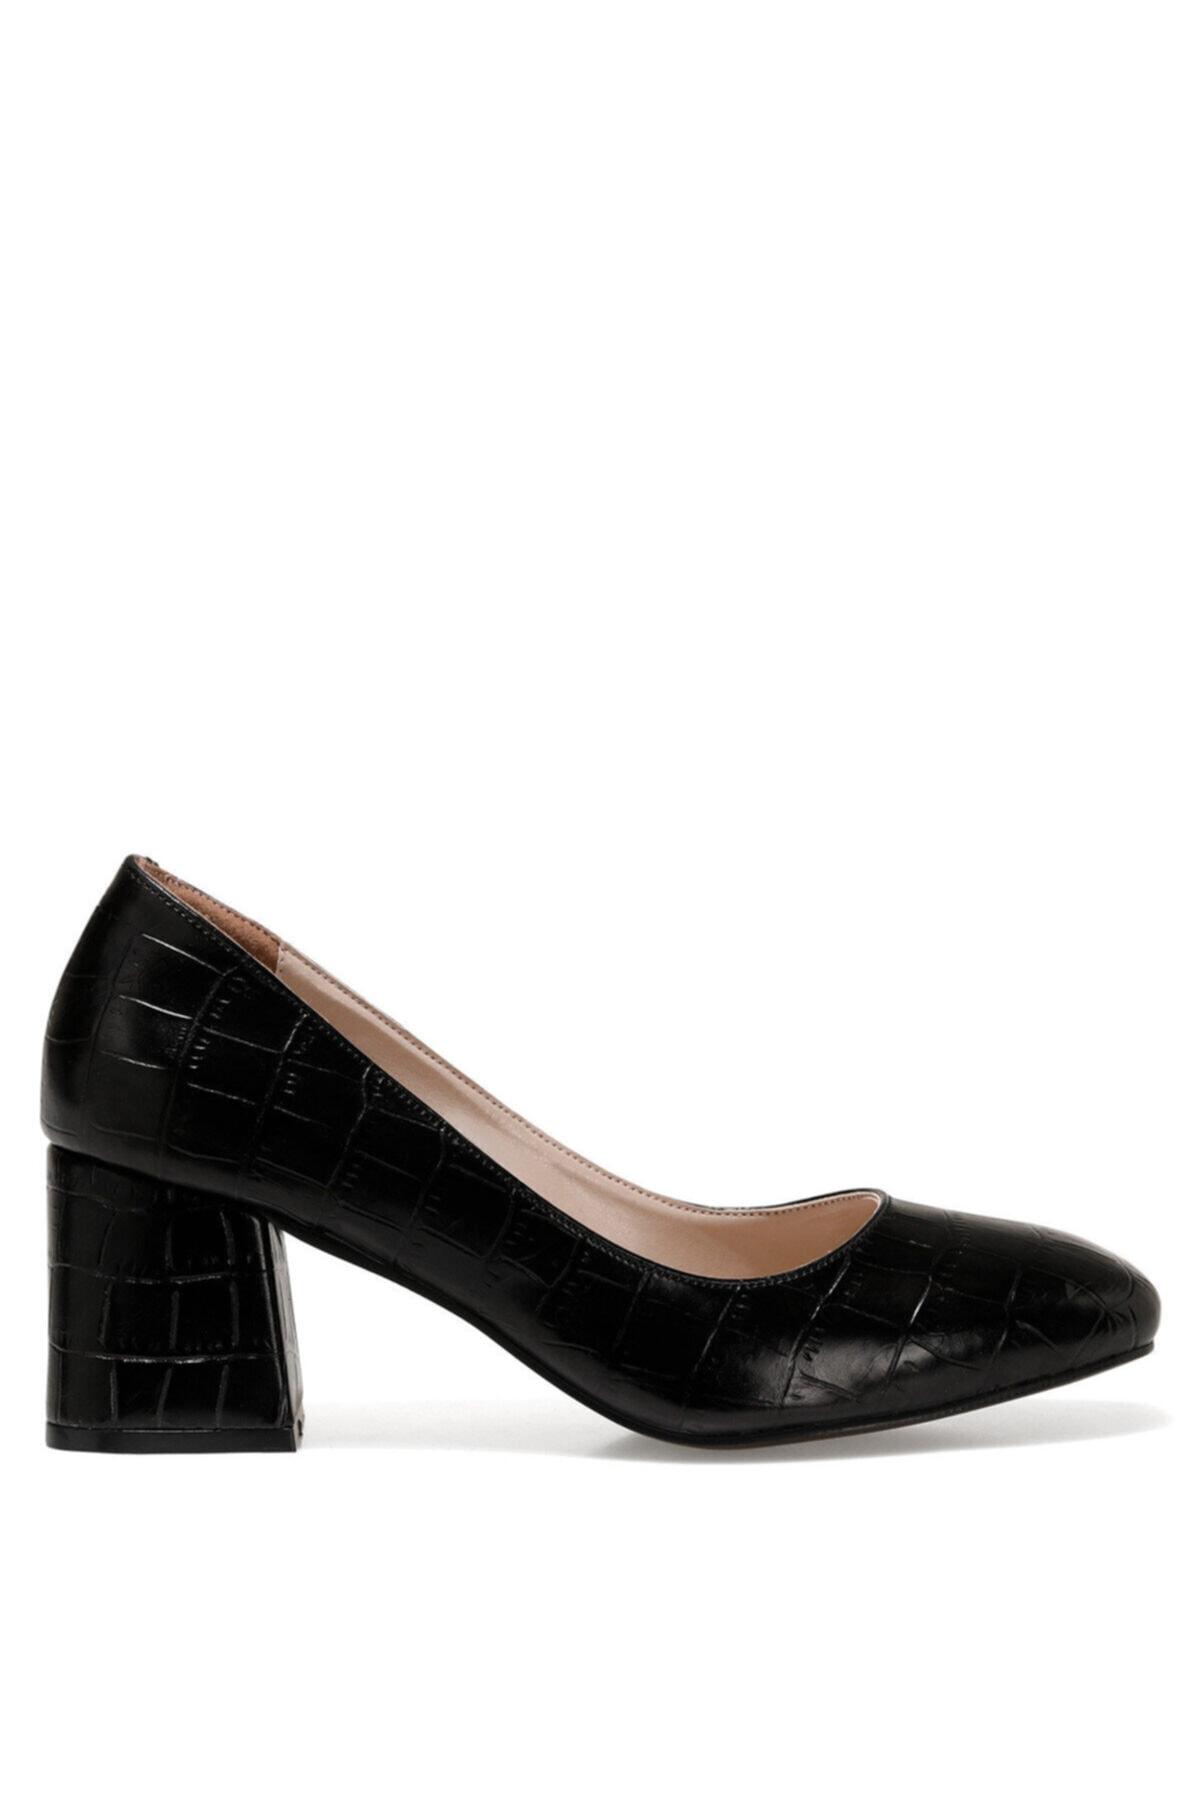 Nine West WALES Siyah Kadın Topuklu Ayakkabı 100555816 1